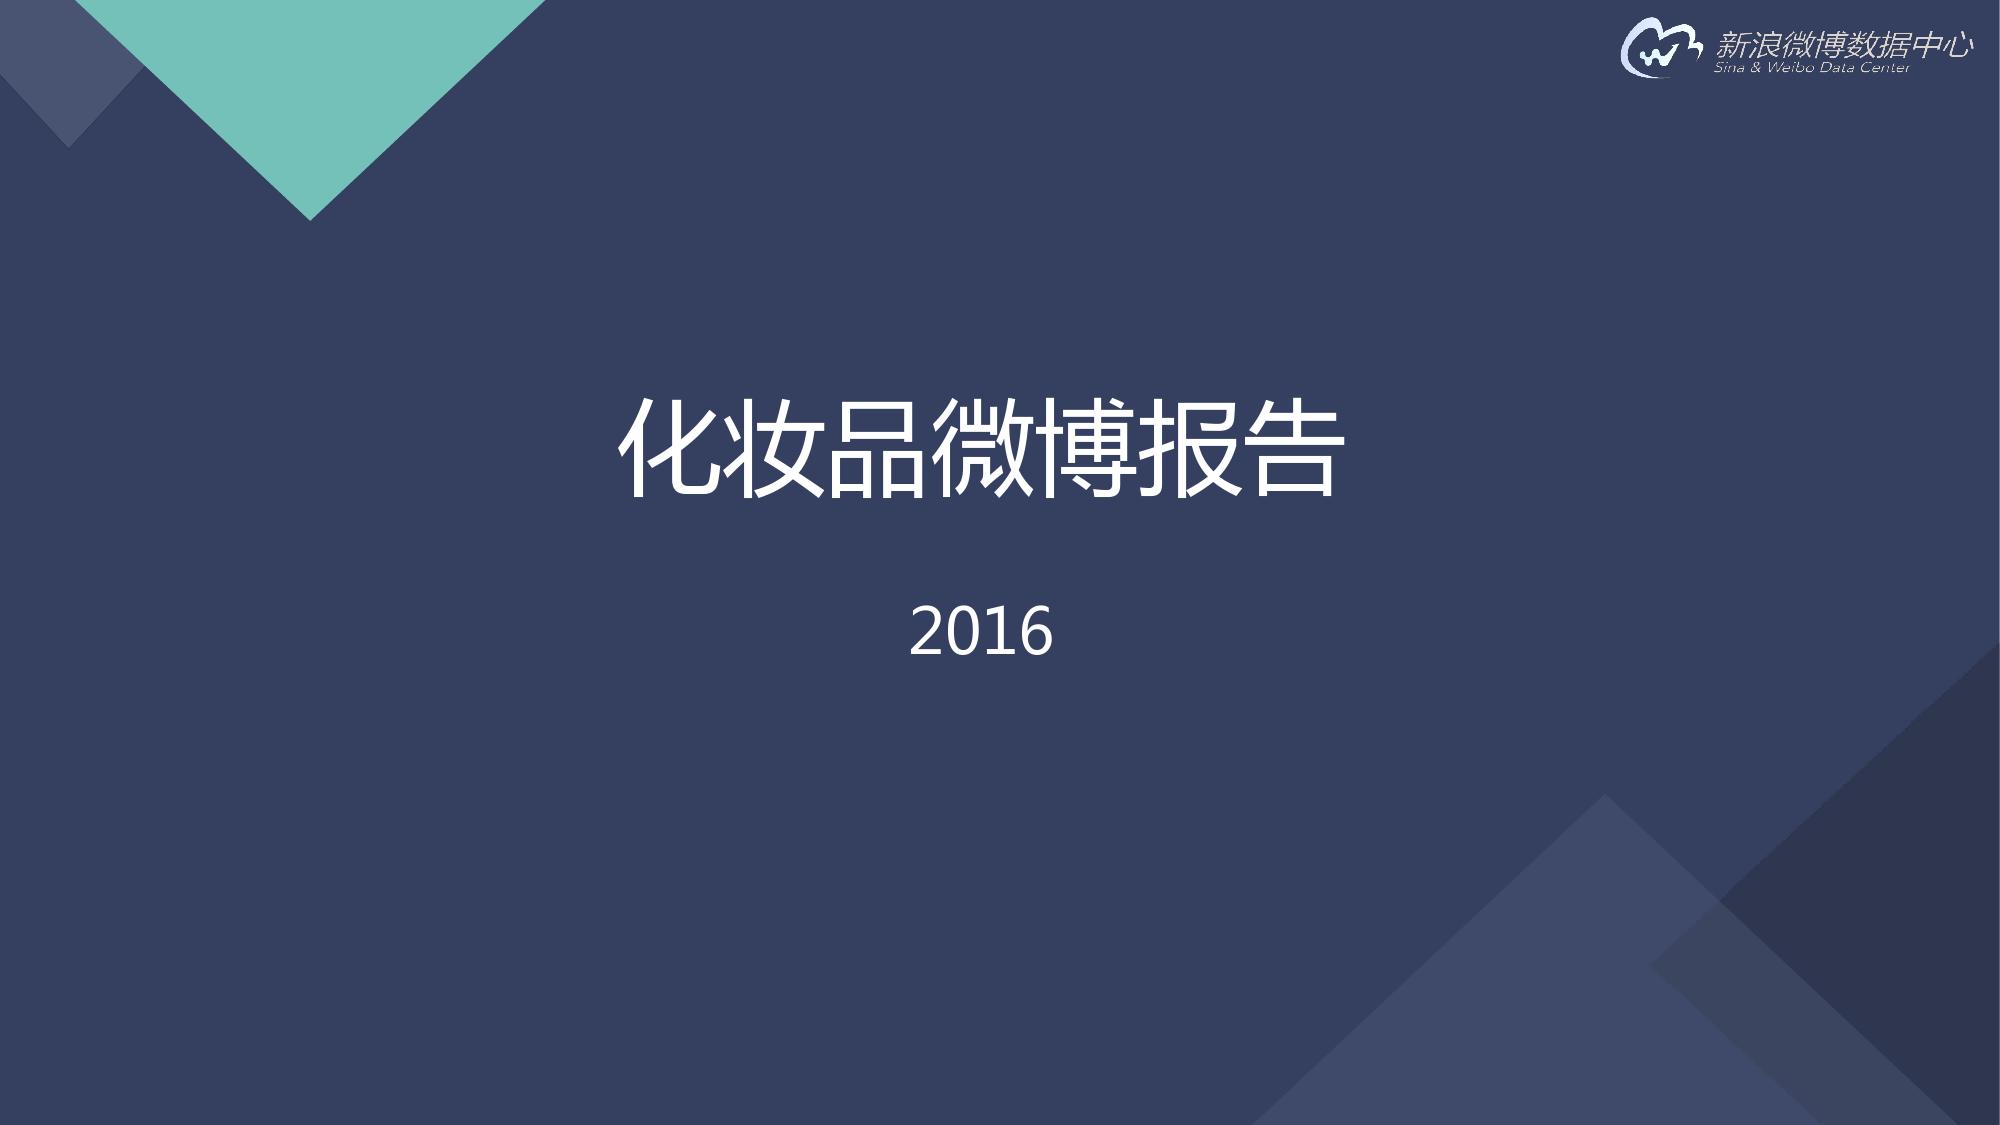 2016年化妆品行业报告_000001